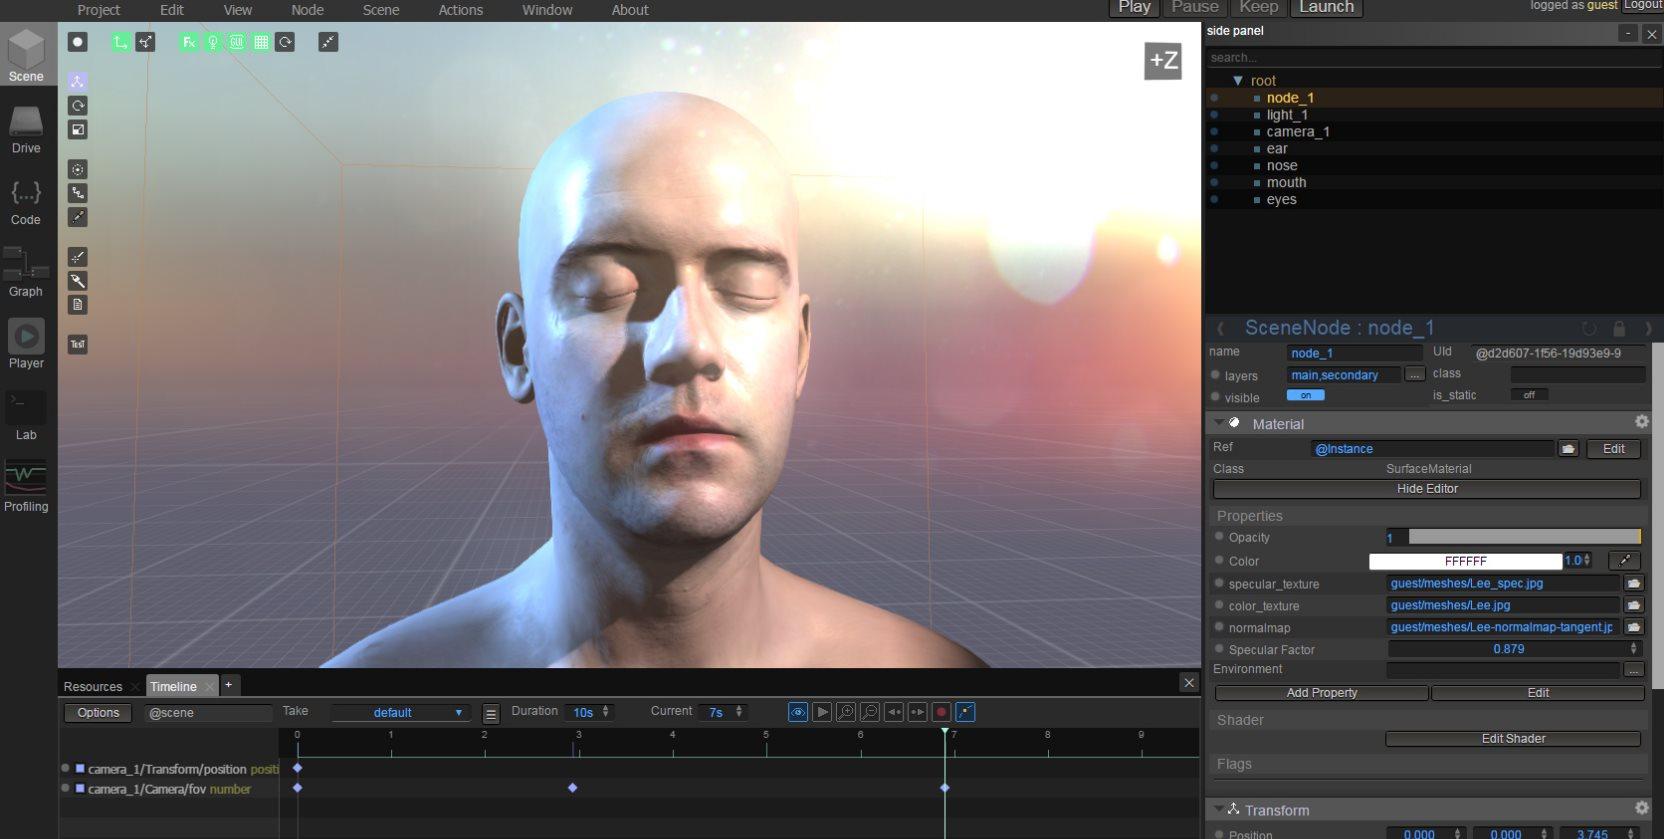 WebGLStudio: Un completo editor 3D basado en la web